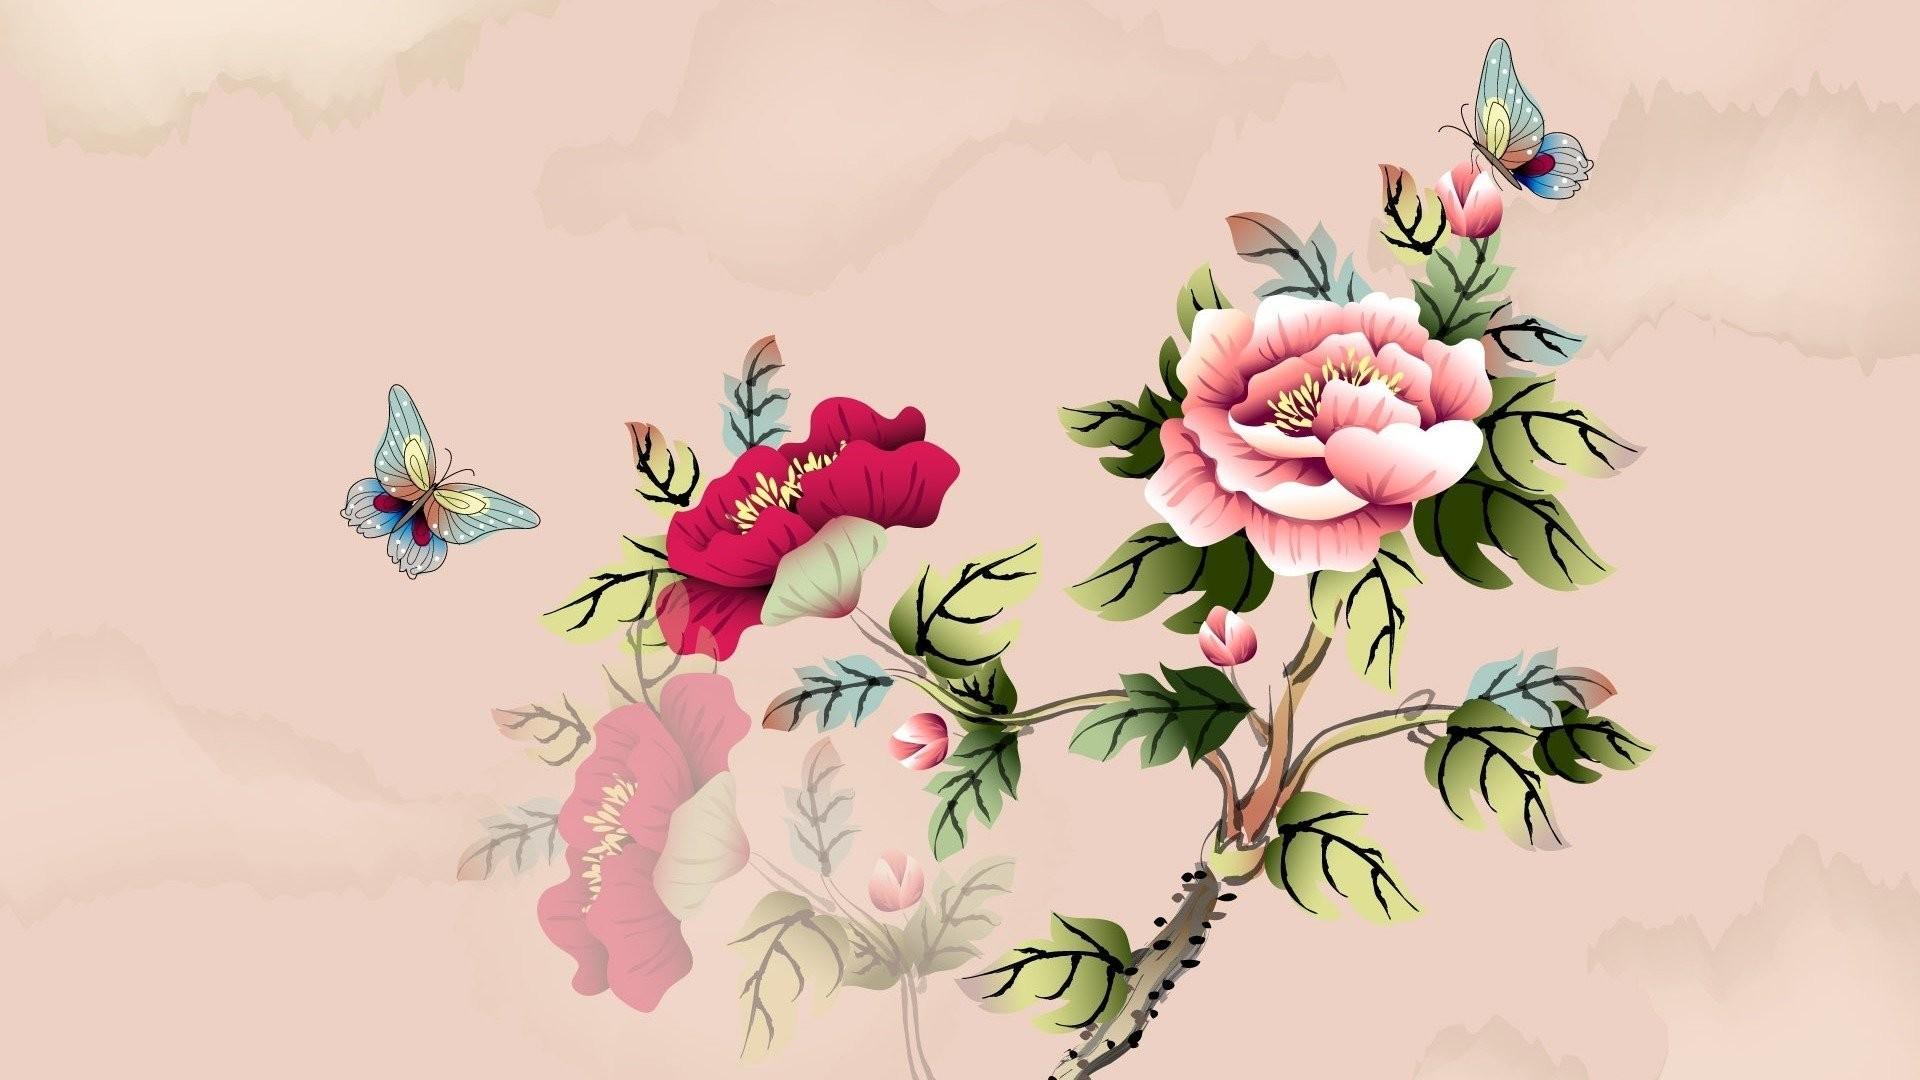 art watercolor butterfly flower branch